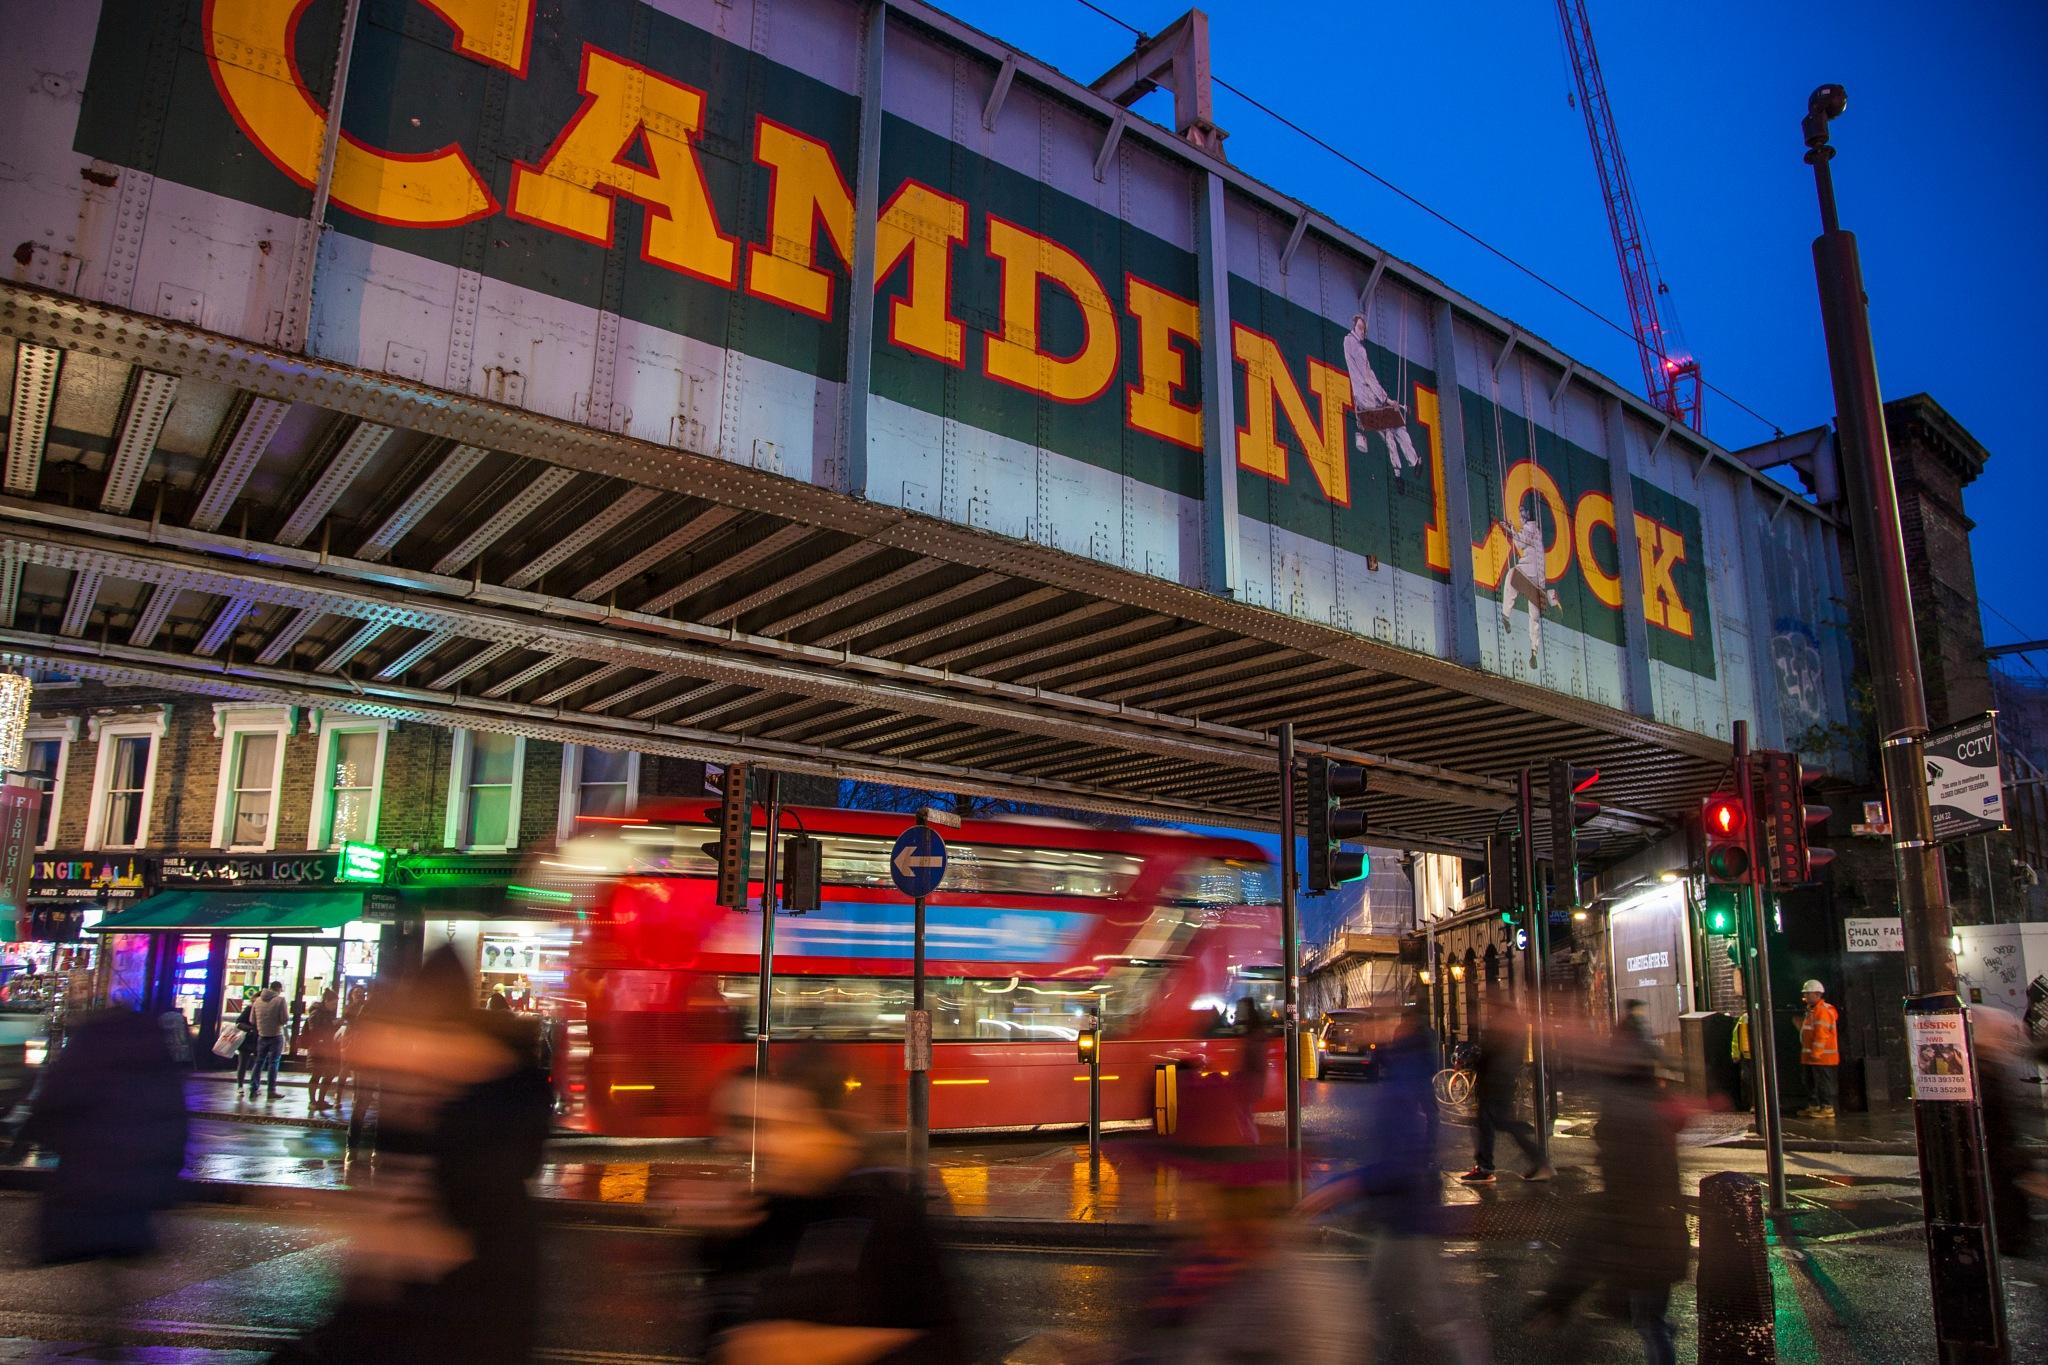 Camden lock by 50mmAudiovisuals